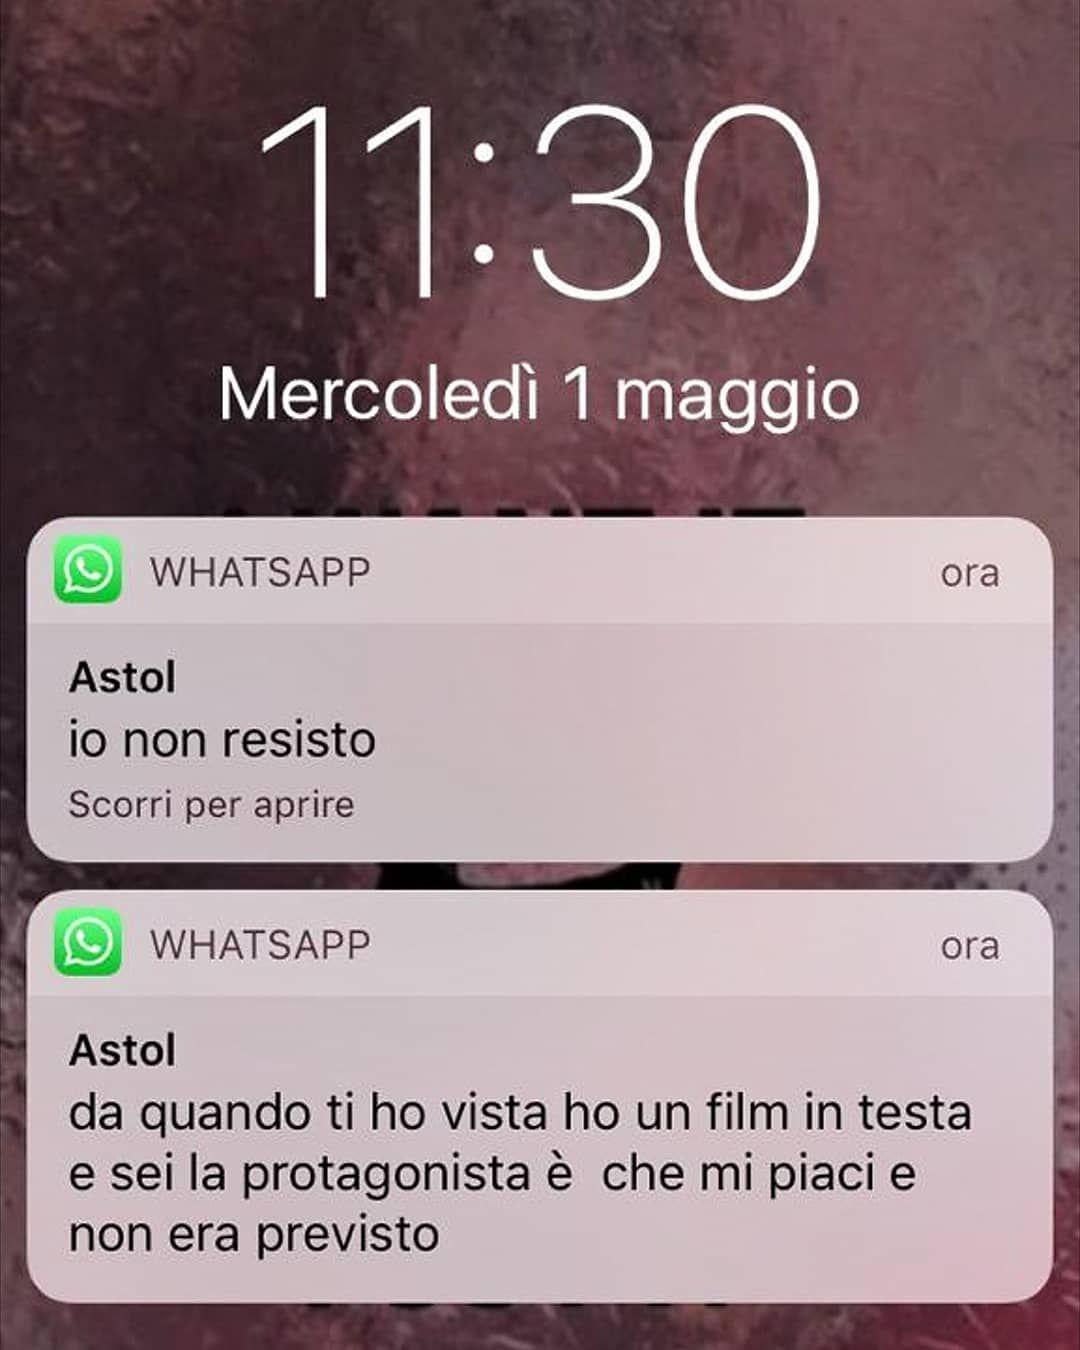 Astol Fuoco Resistere Vedere Film Testa Protagonista